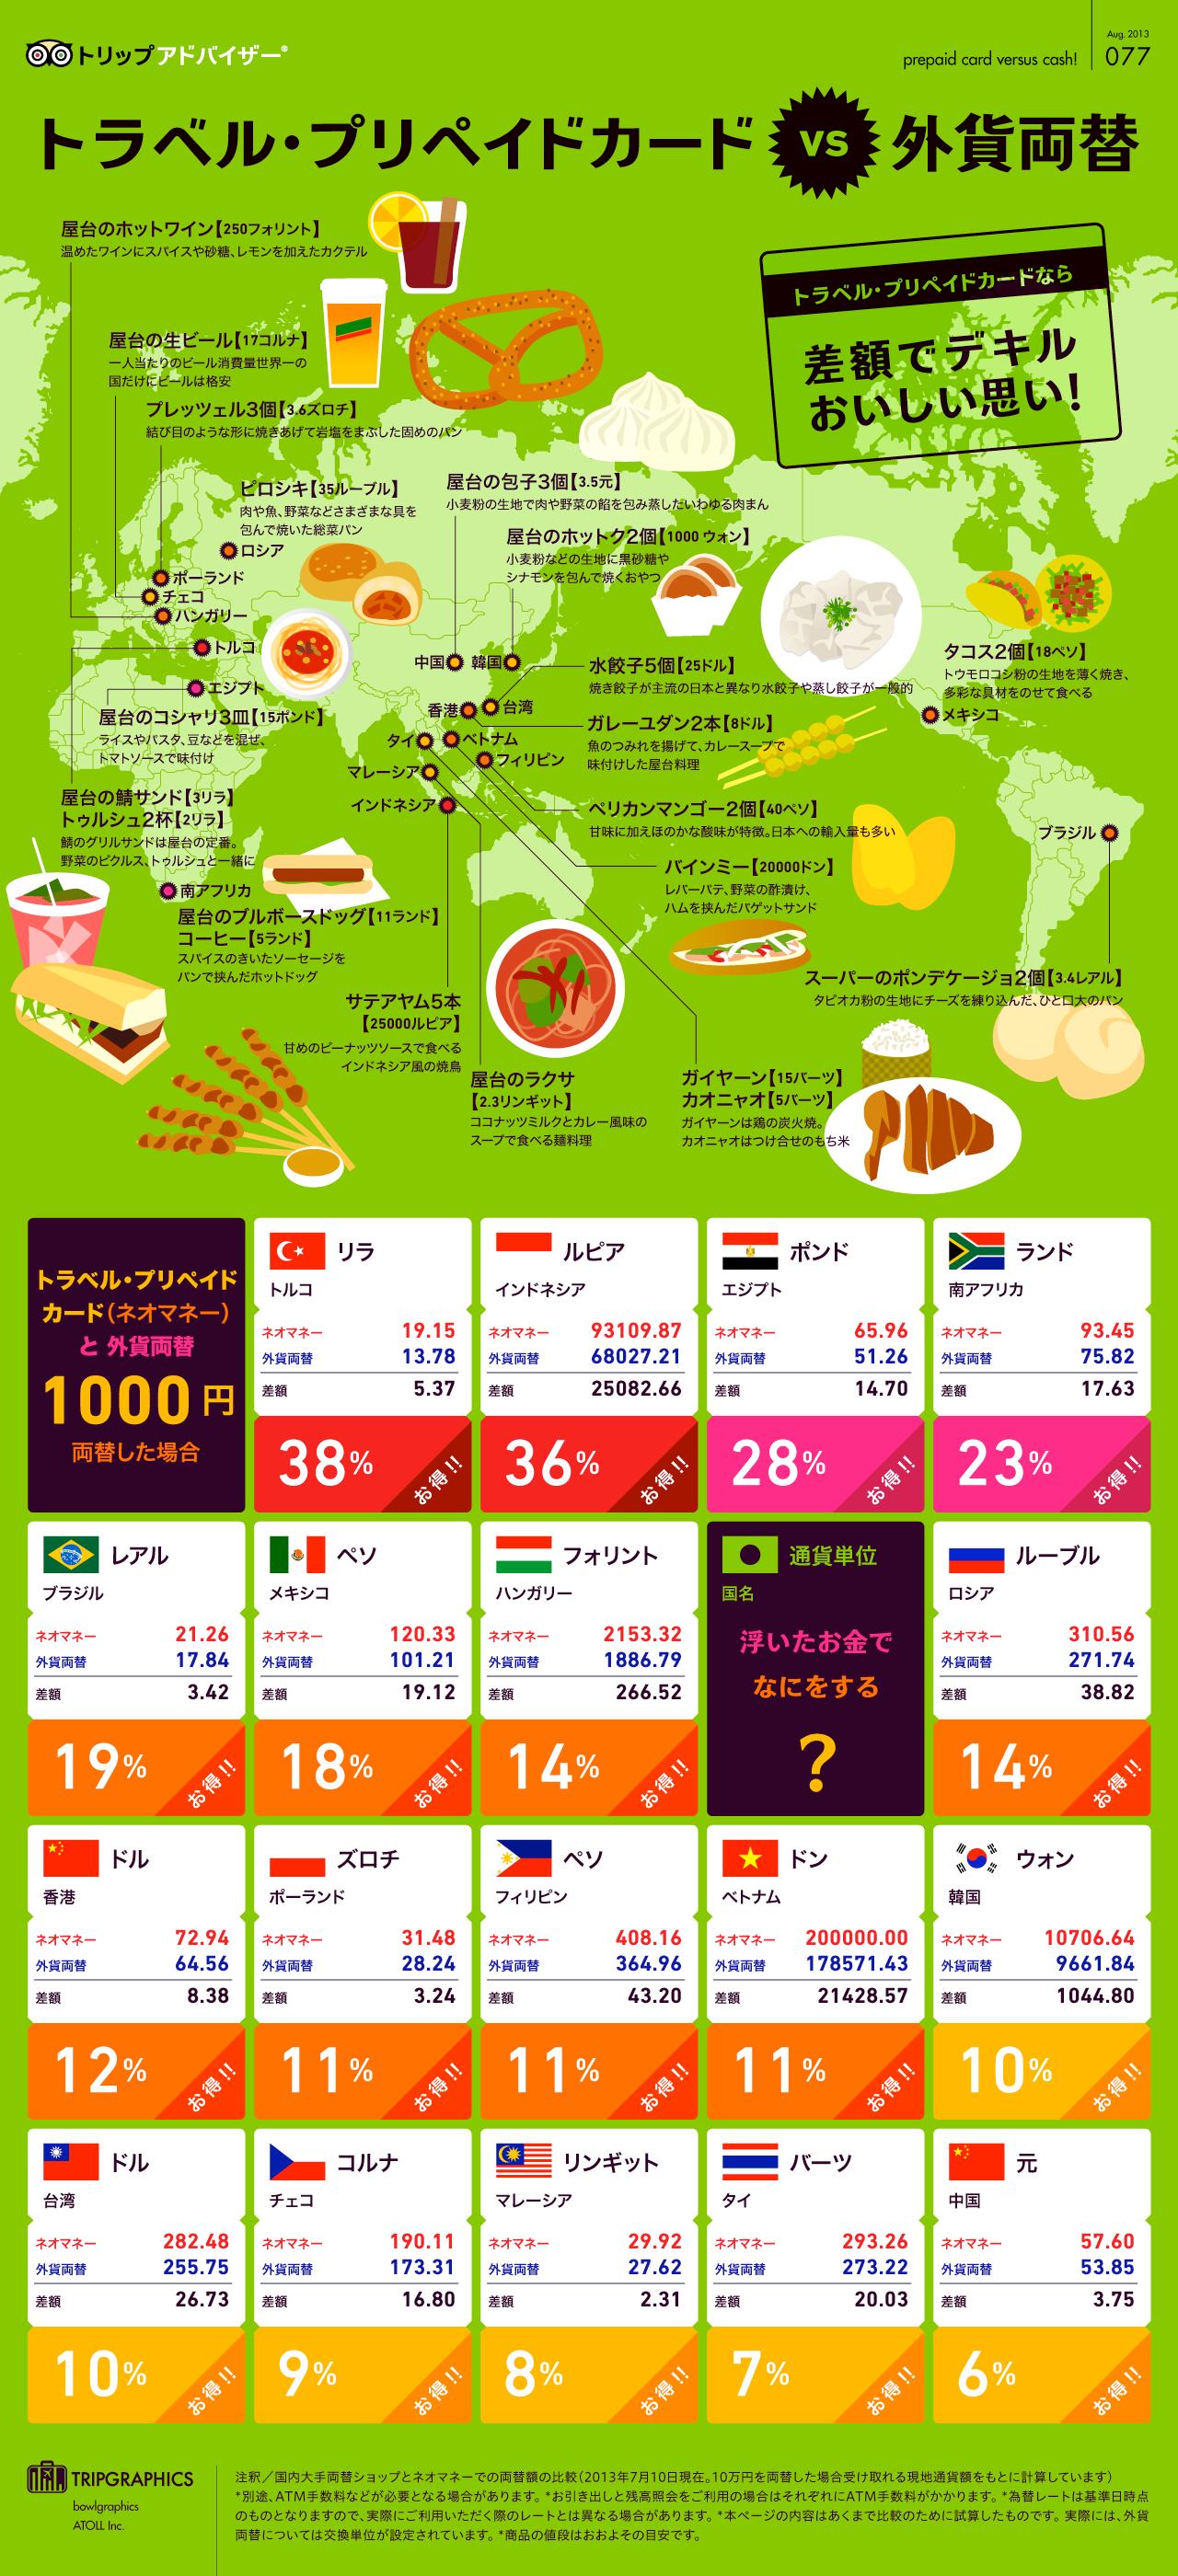 インフォグラフィック:トラベル・プリペイドカードは海外旅行必需品。外貨両替より超お得